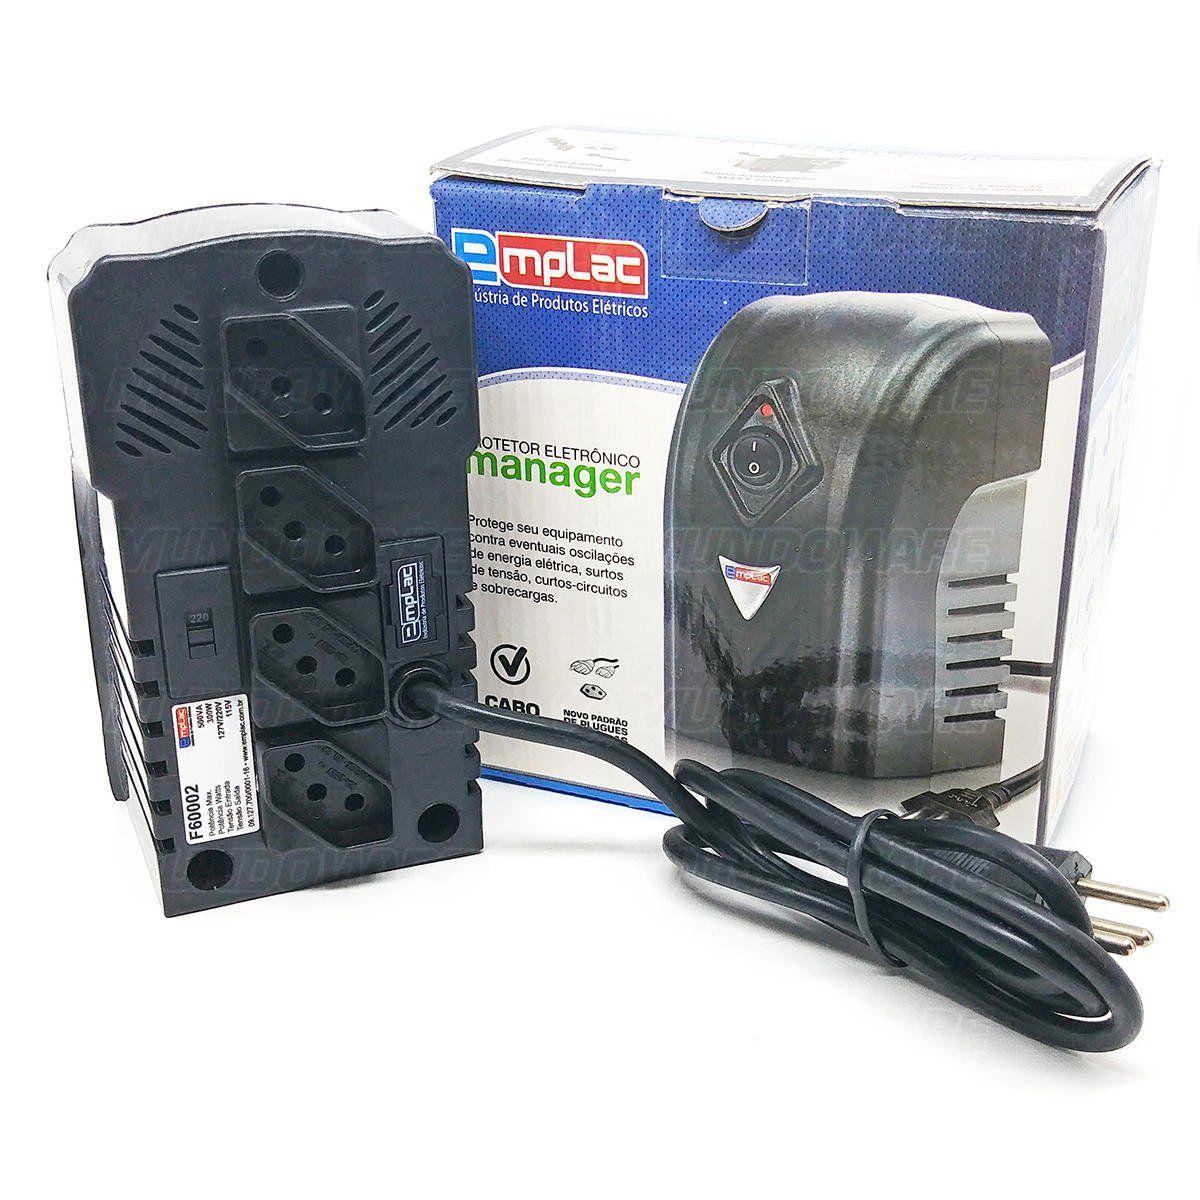 Protetor Eletrônico Bivolt 500VA 300W 4 Tomadas Cabo de 1 metro Emplac F60002